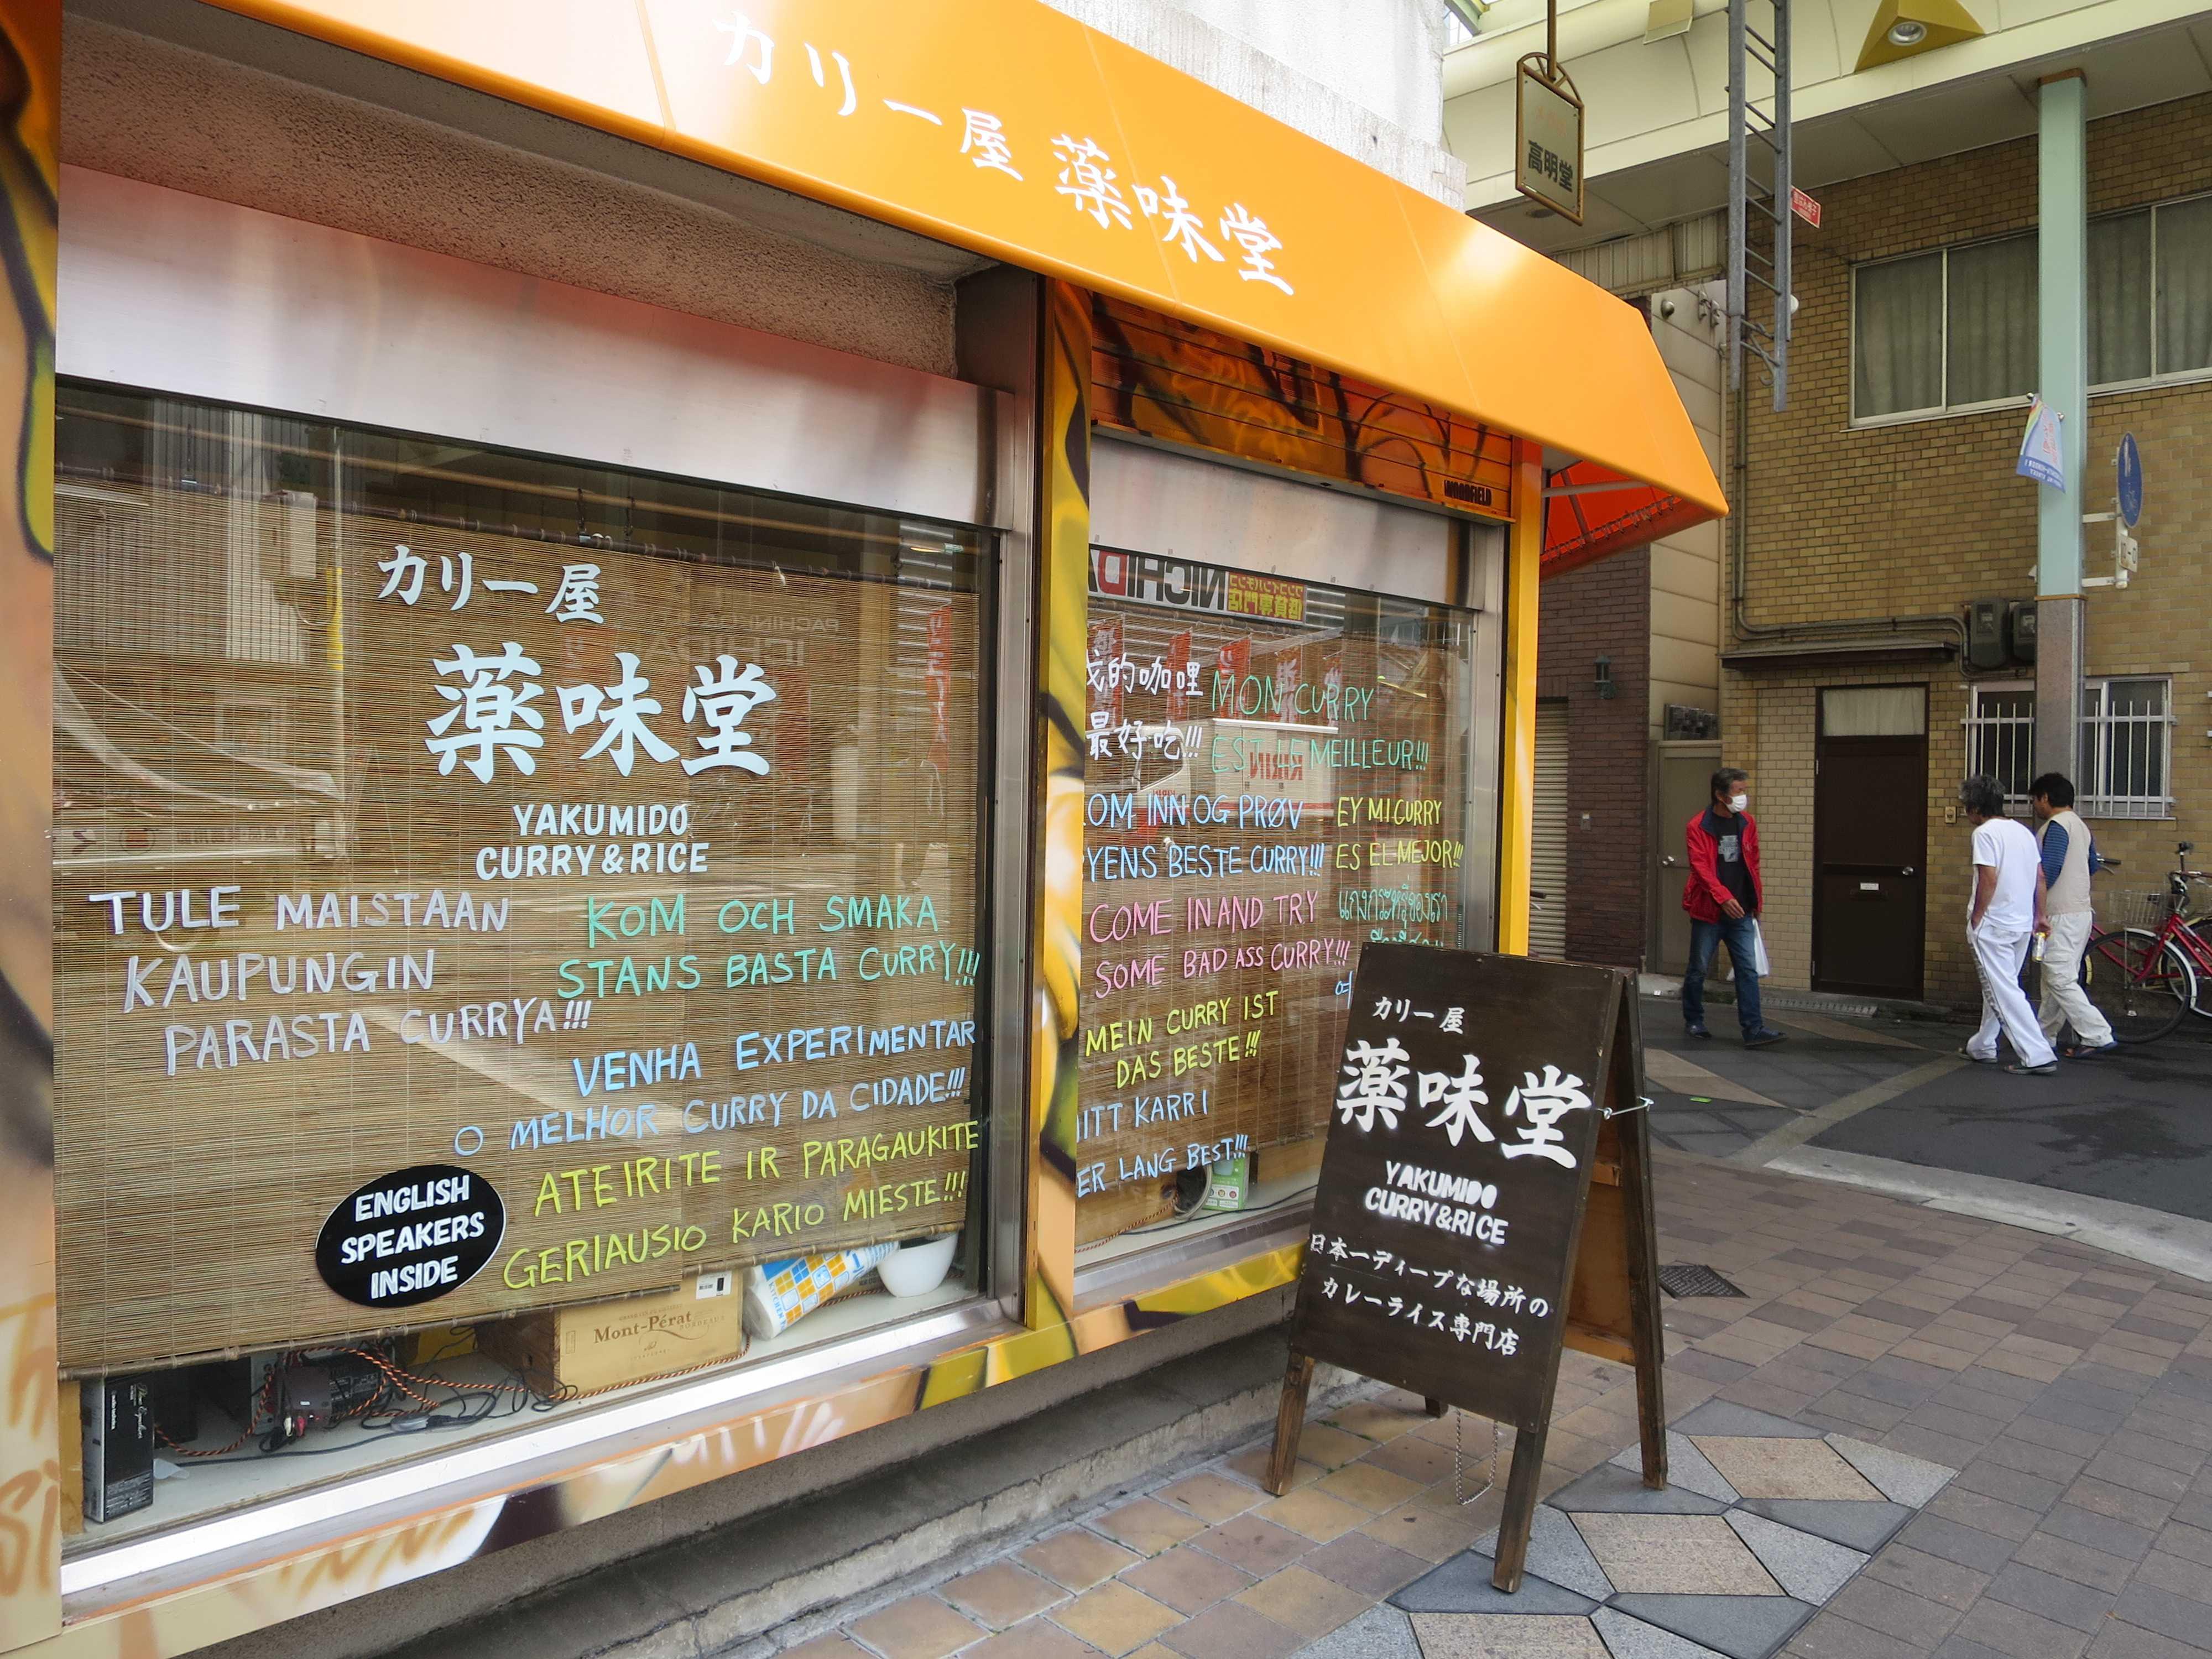 カリー屋 薬味堂(大阪府大阪市西成区萩之茶屋2-2-10)